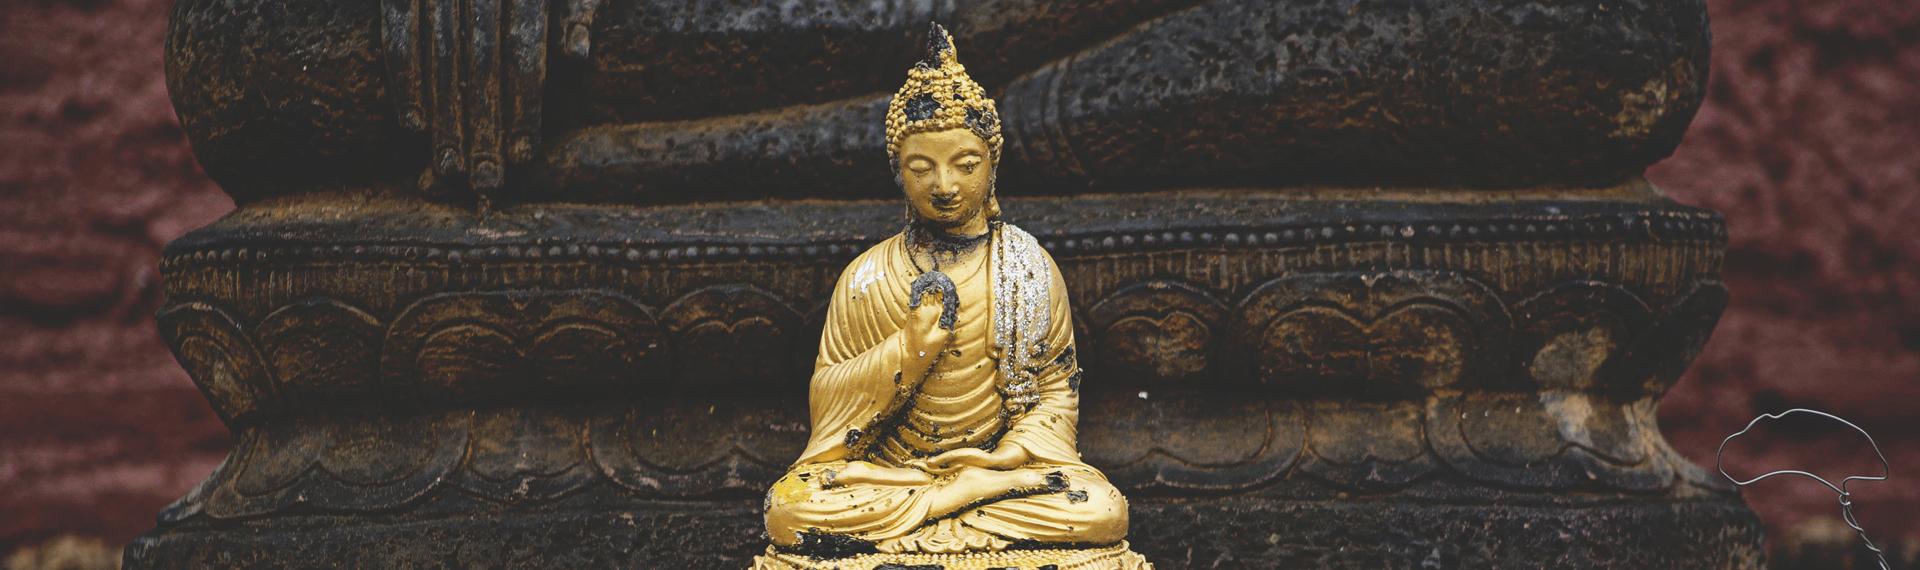 meditación budista - ayurveda alcobendas